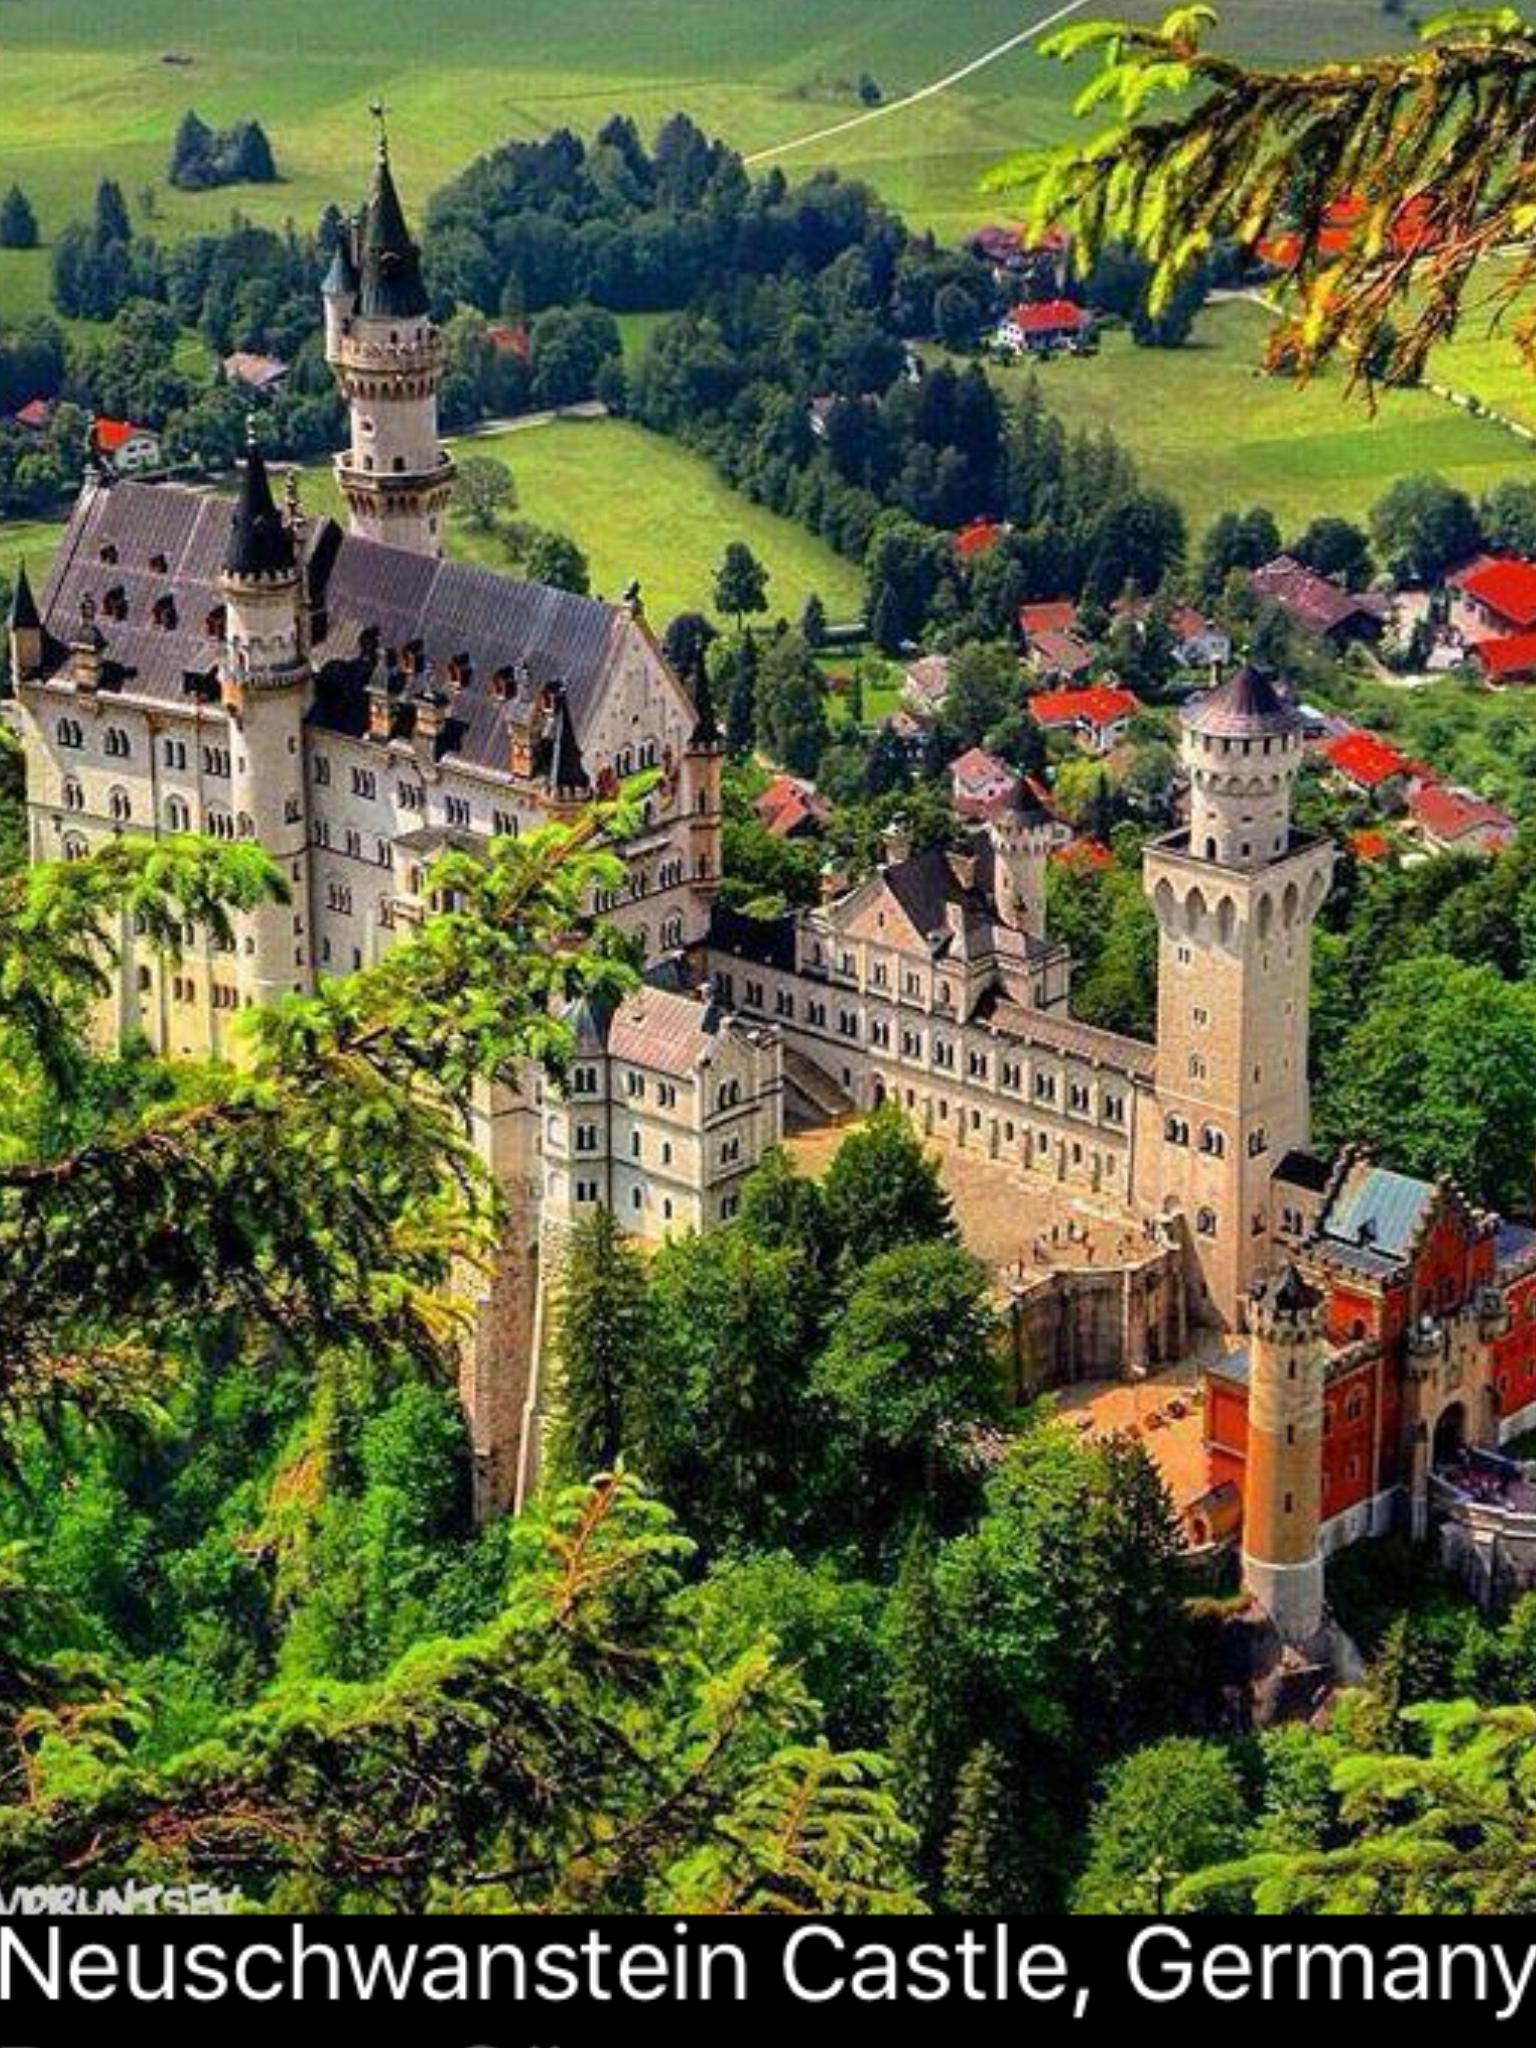 Castle Germany Germany Castles Neuschwanstein Castle Beautiful Castles